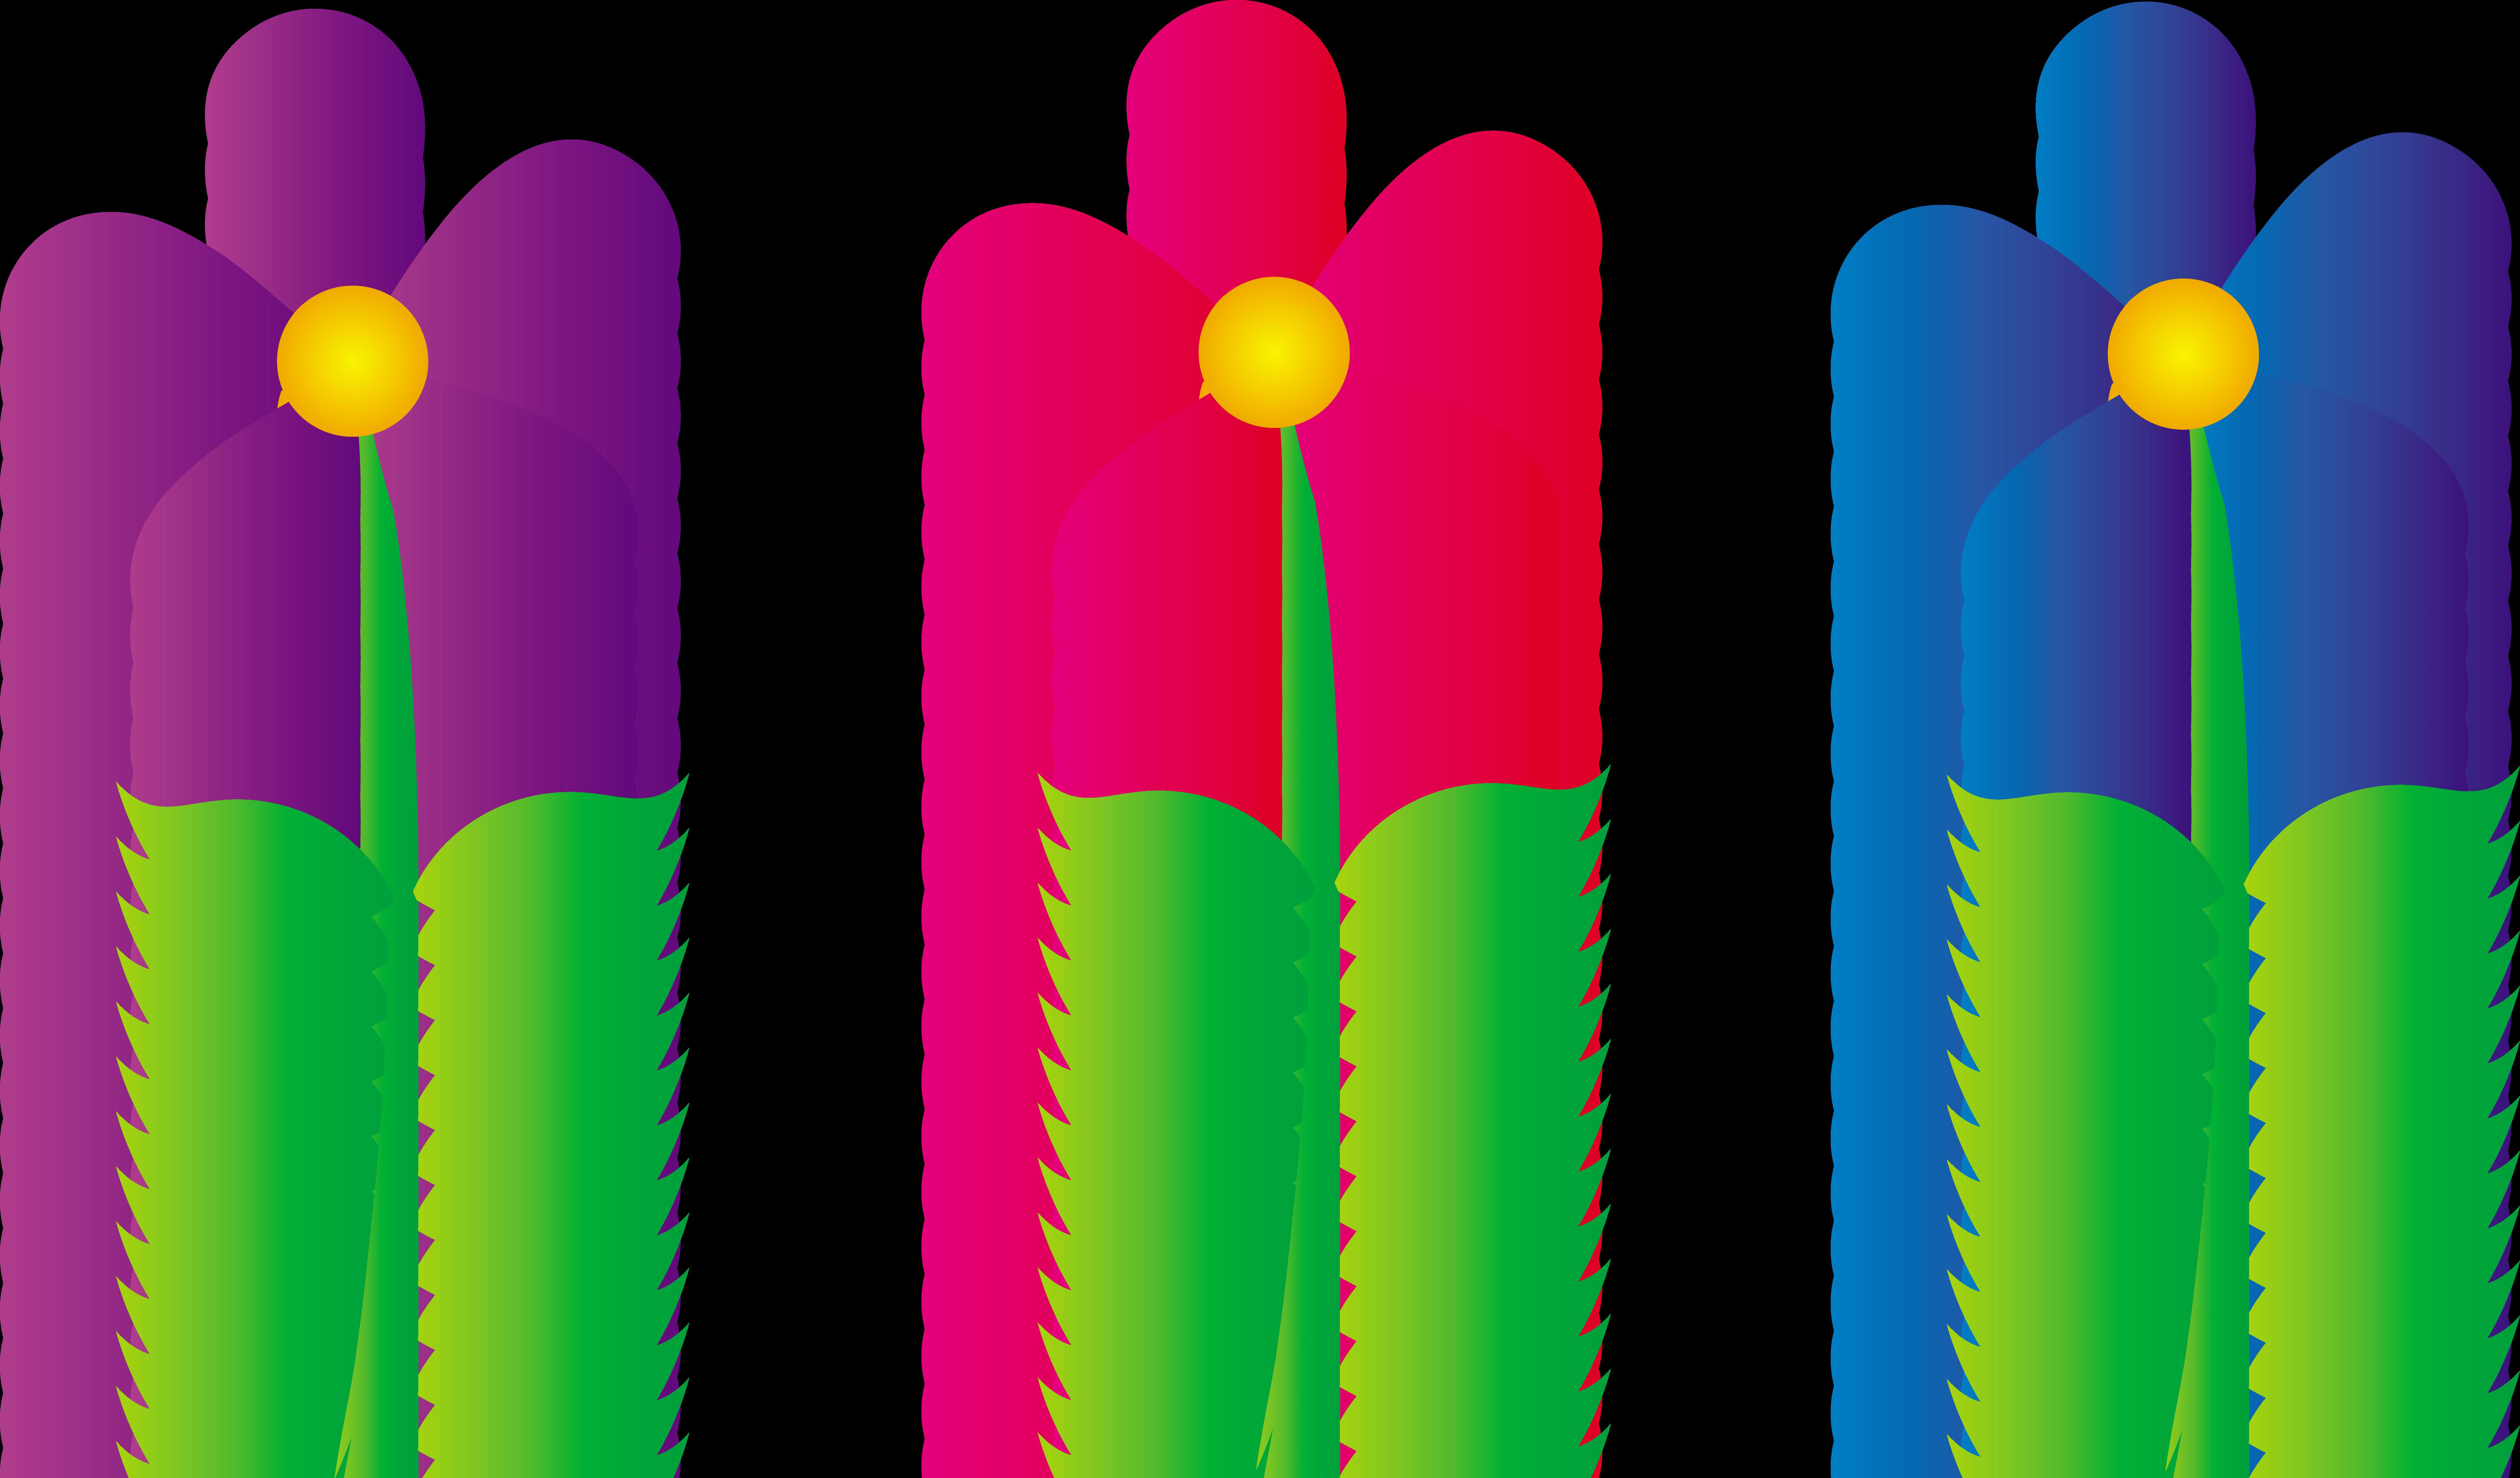 flower border clipart - Flower Clipart Images